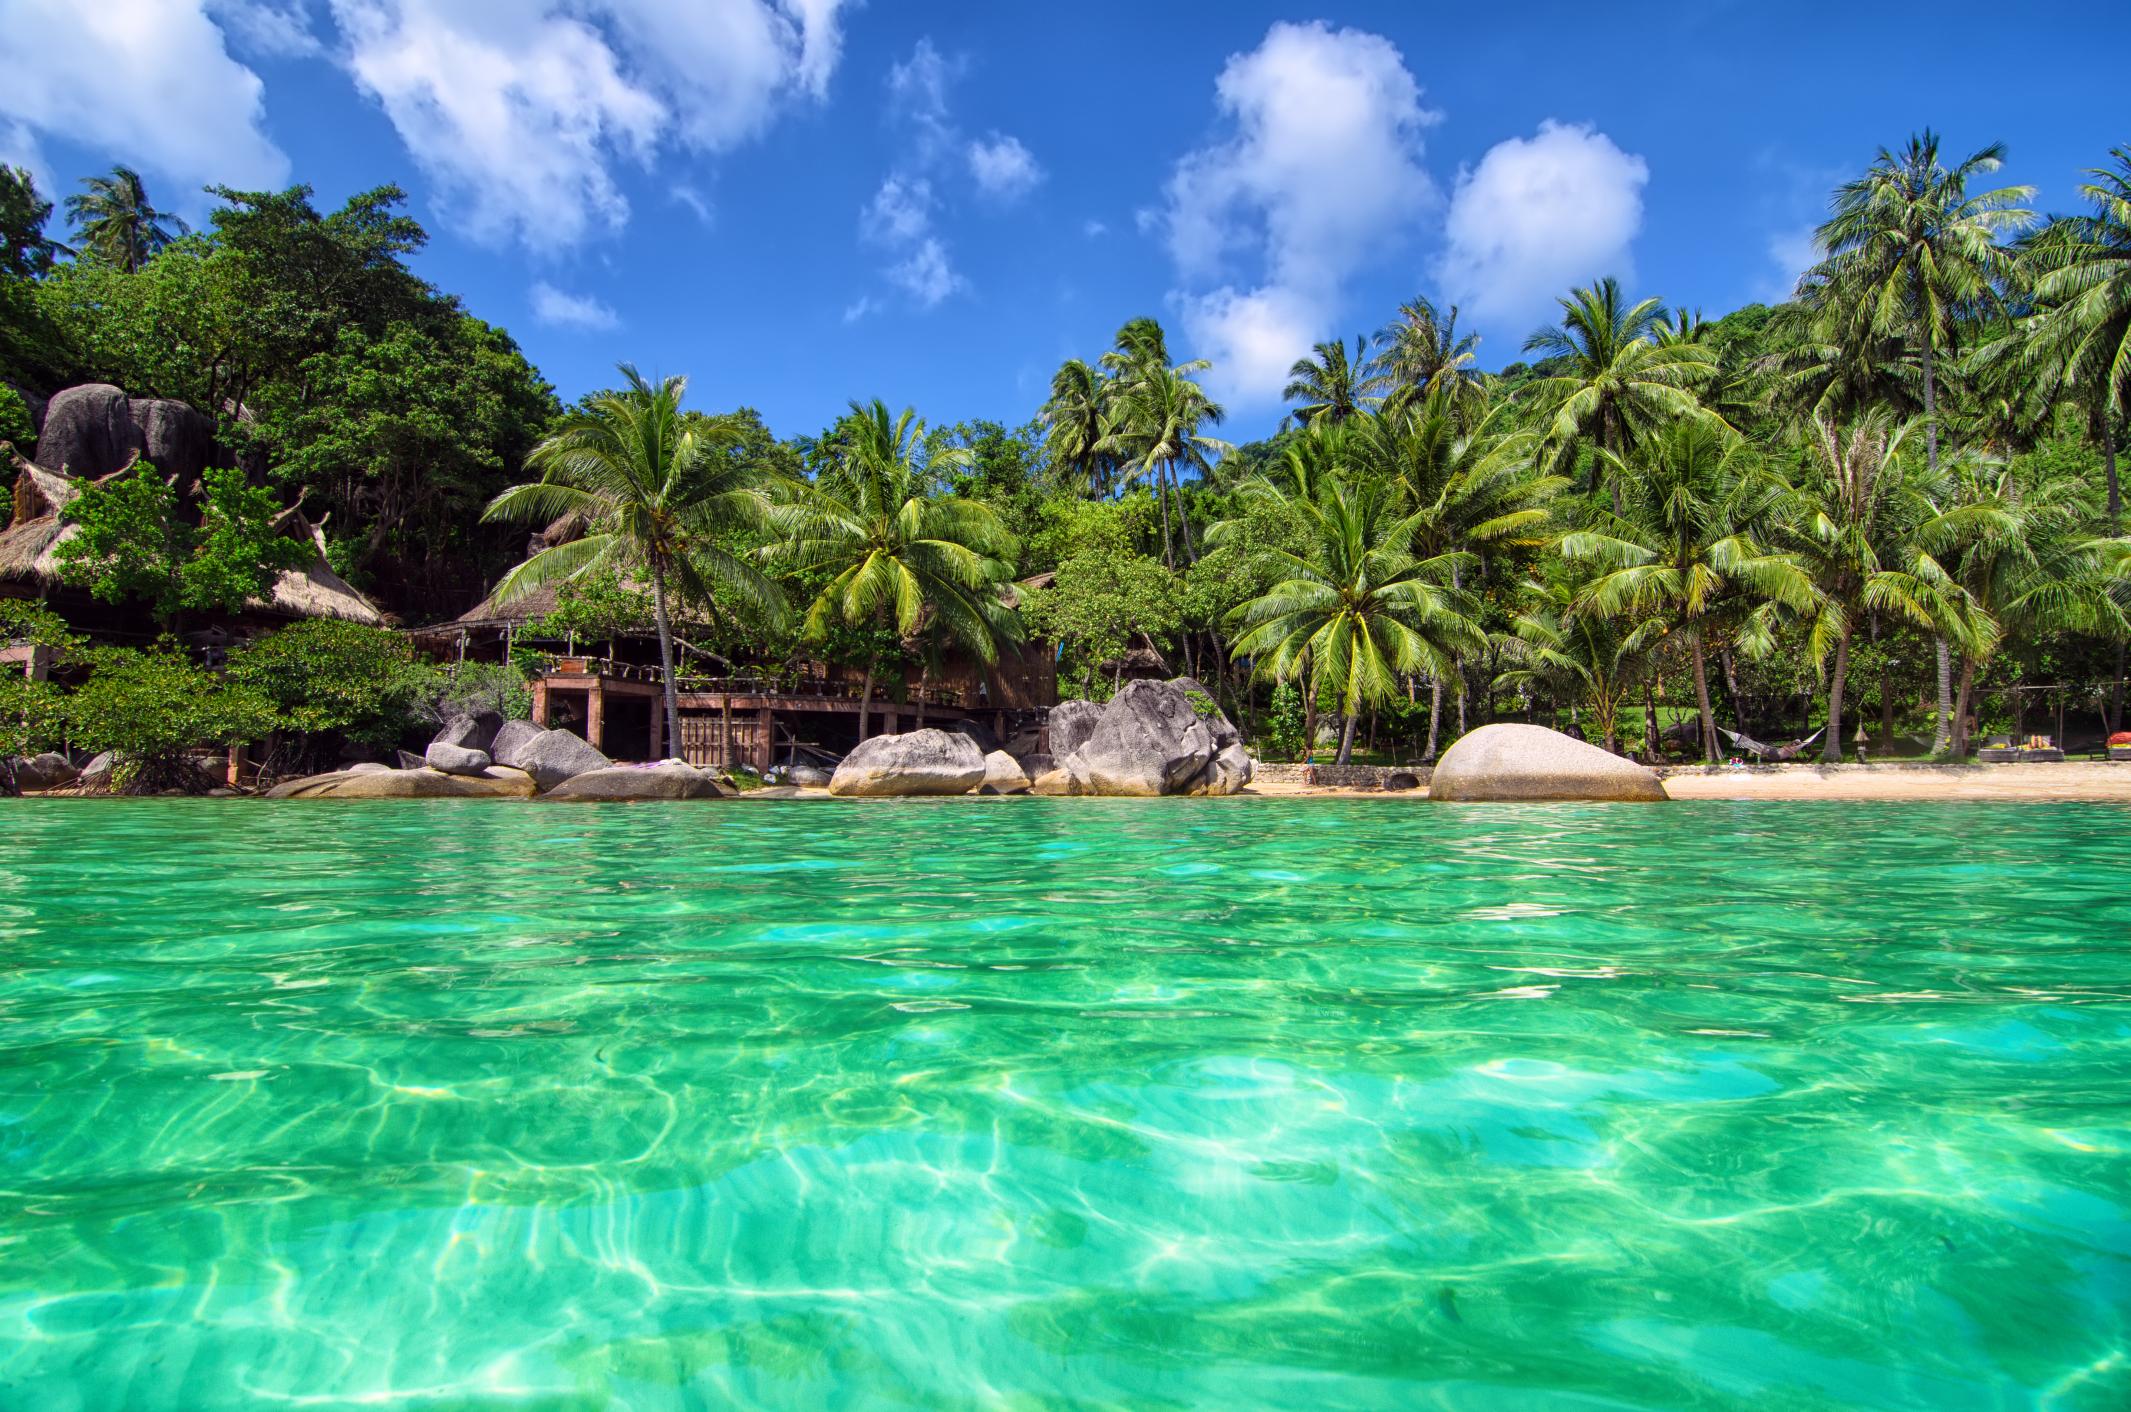 Thailand Inseln Karte.10 Unberührte Inseln In Thailand Die Nicht Jeder Kennt